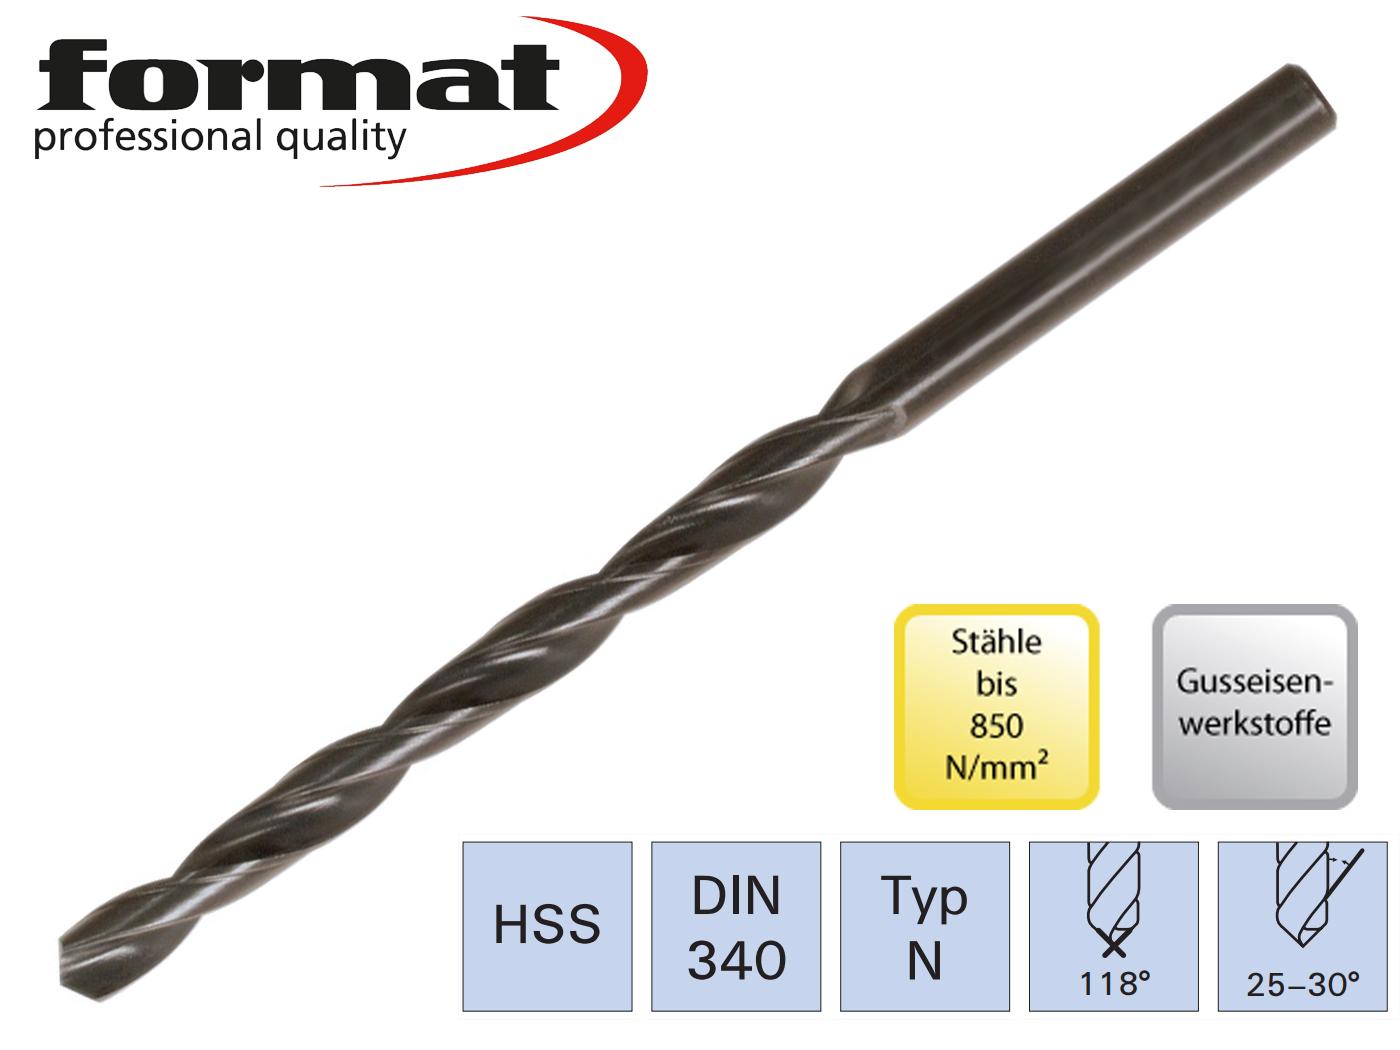 Spiraalboor DIN 340 N HSS FORMAT | DKMTools - DKM Tools